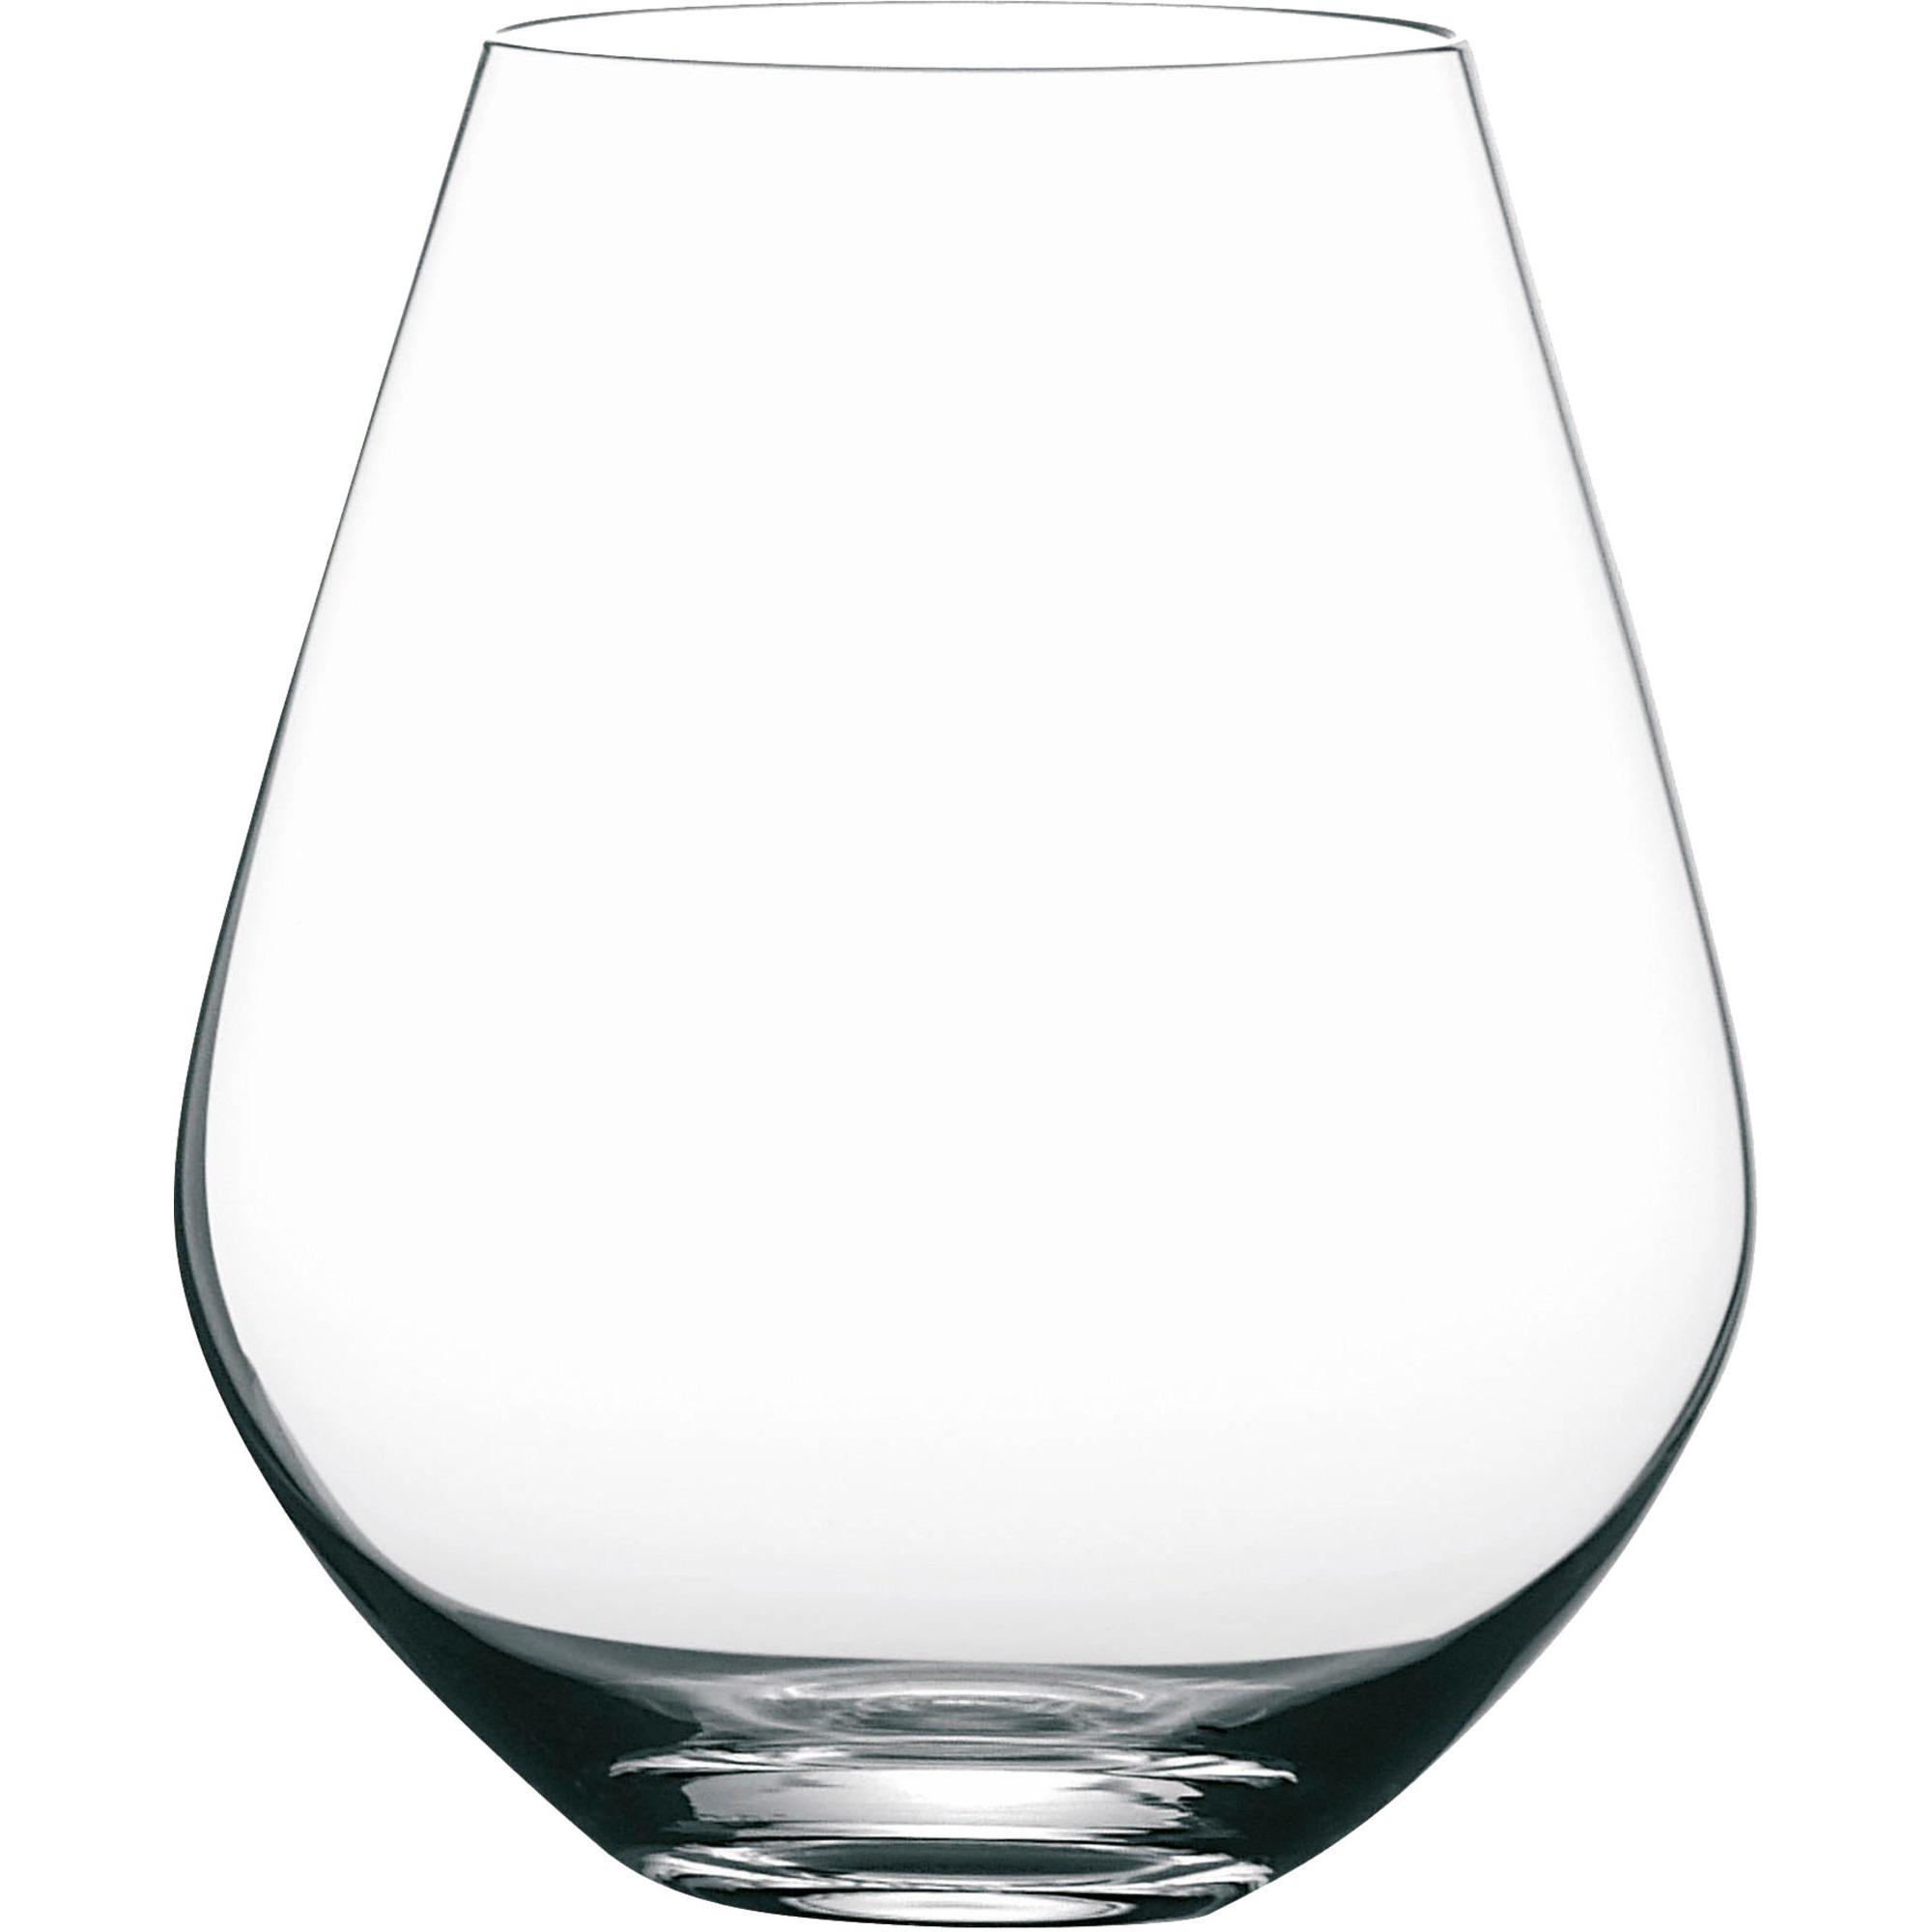 Peugeot Esprit Vattenglas/Vinglas 4 st